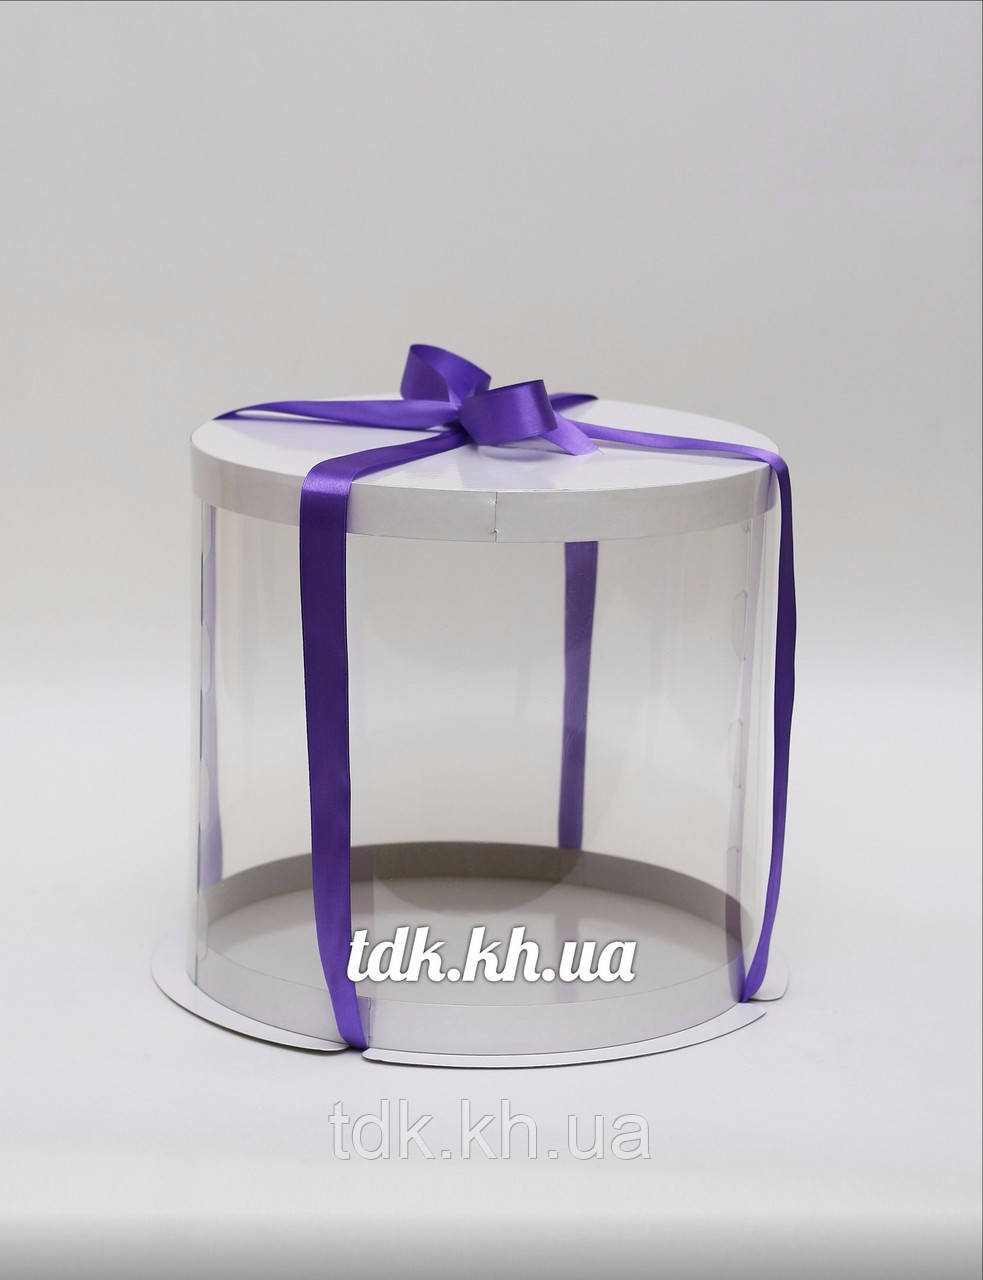 Коробка для торта белая с прозрачной стенкой Ø30 H19